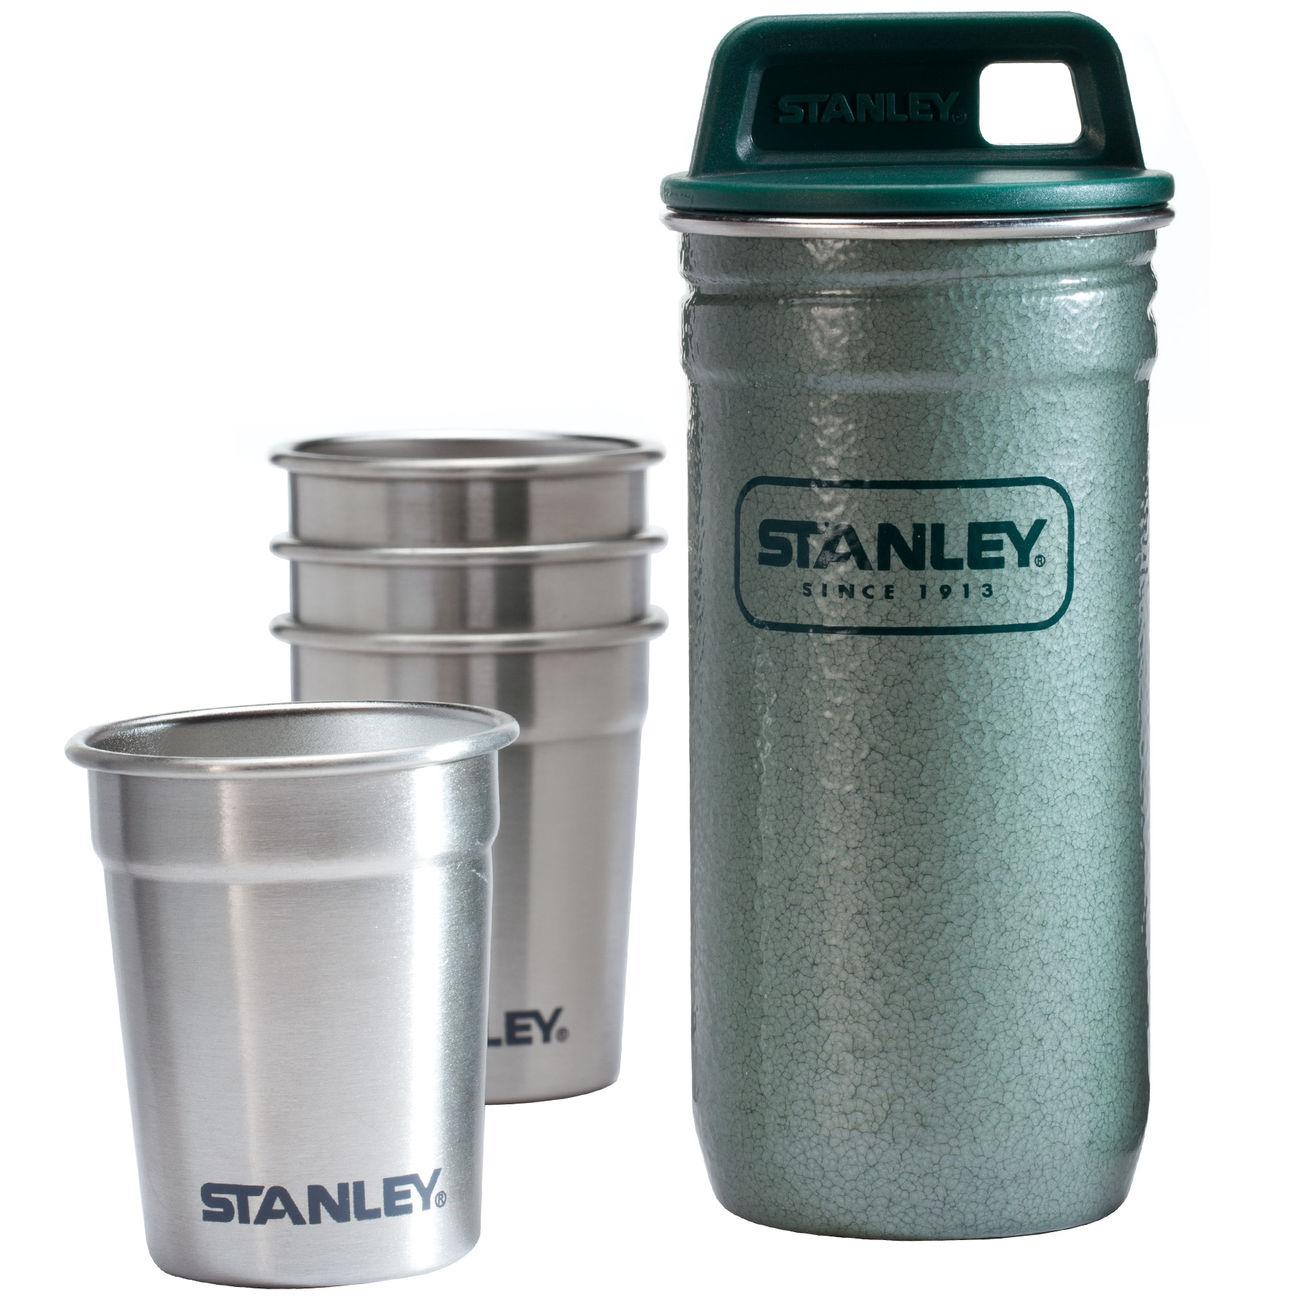 Stanley edelstahlbecher set mit beh lter g nstig kaufen for Deckel edelstahlbecher